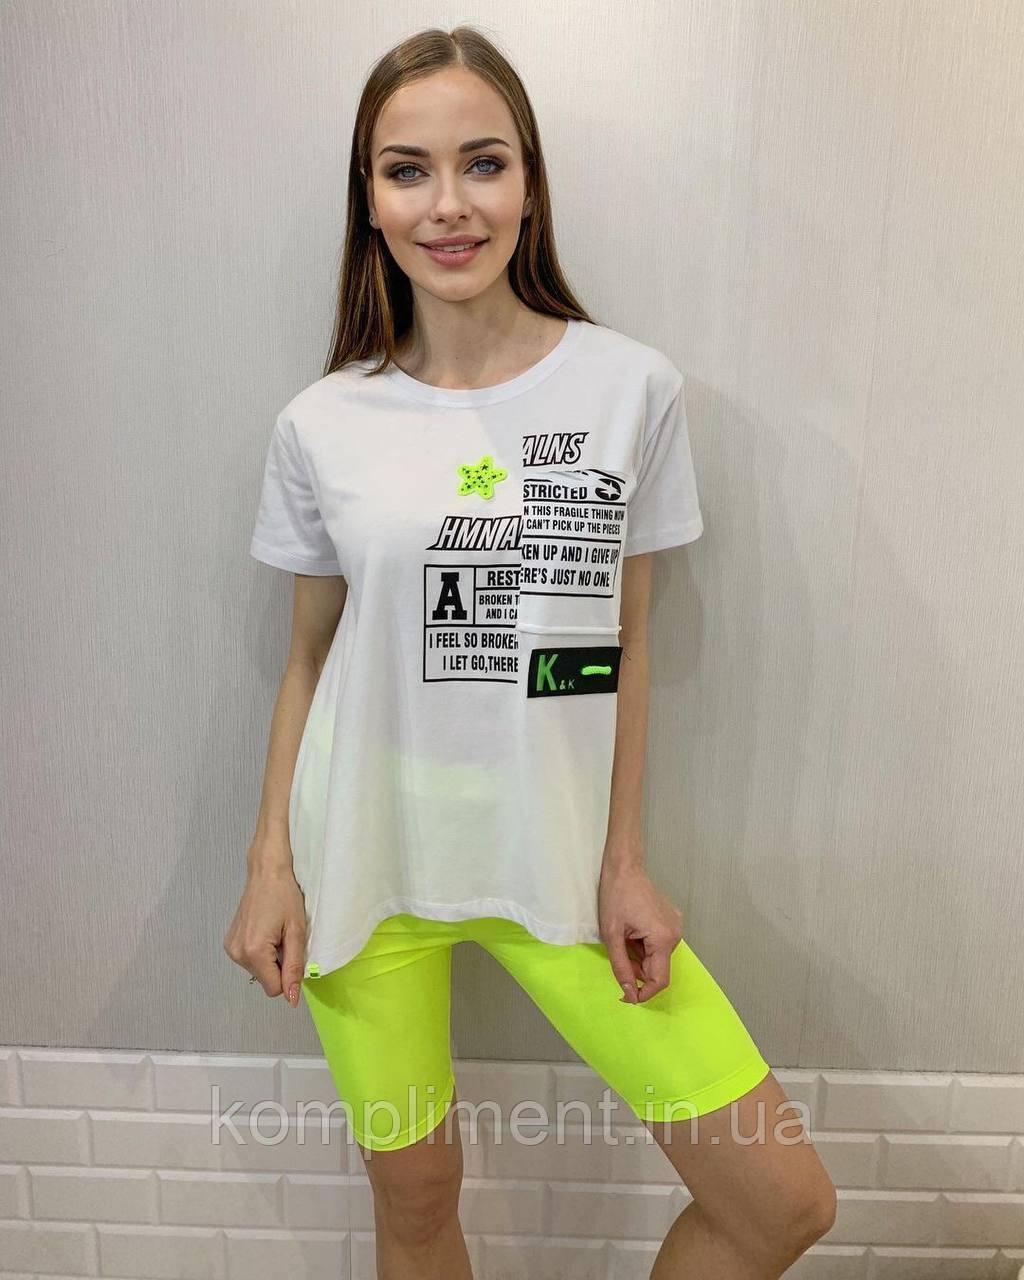 Турецкая женская трикотажная белая футболка с цветной надписью, 7806